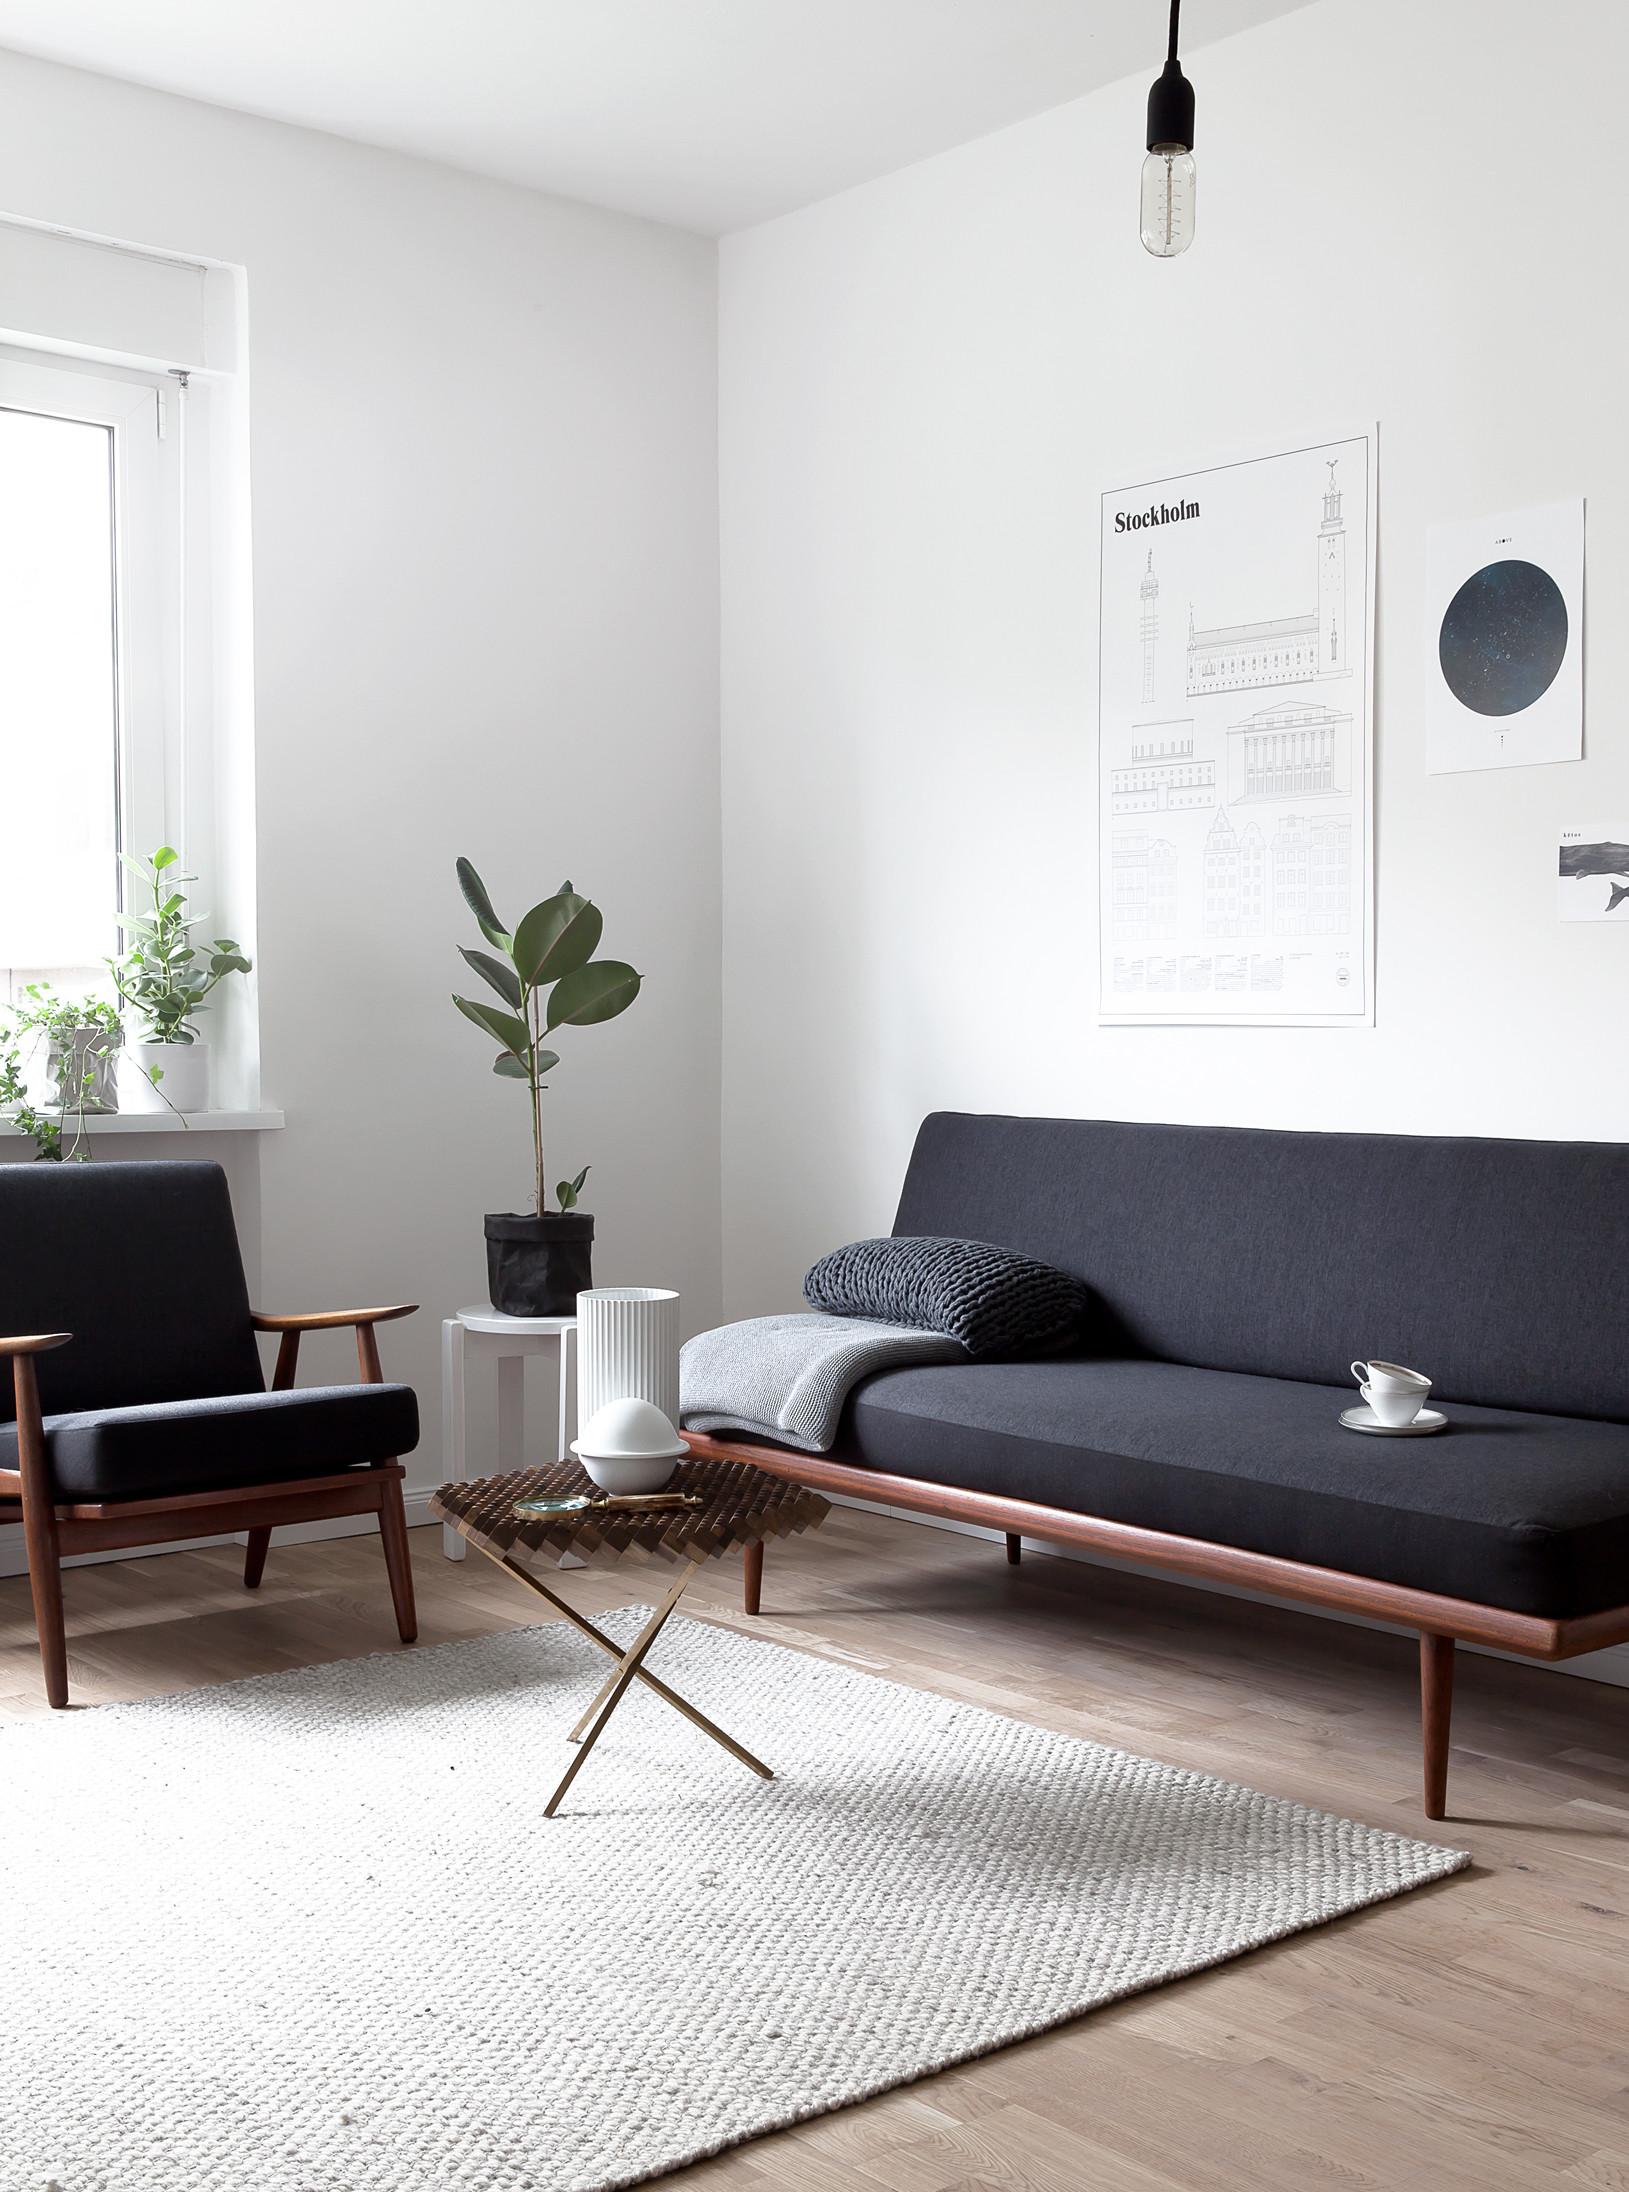 Minimalismo caracter sticas do estilo e inspira es for Estilo moderno diseno de interiores caracteristicas